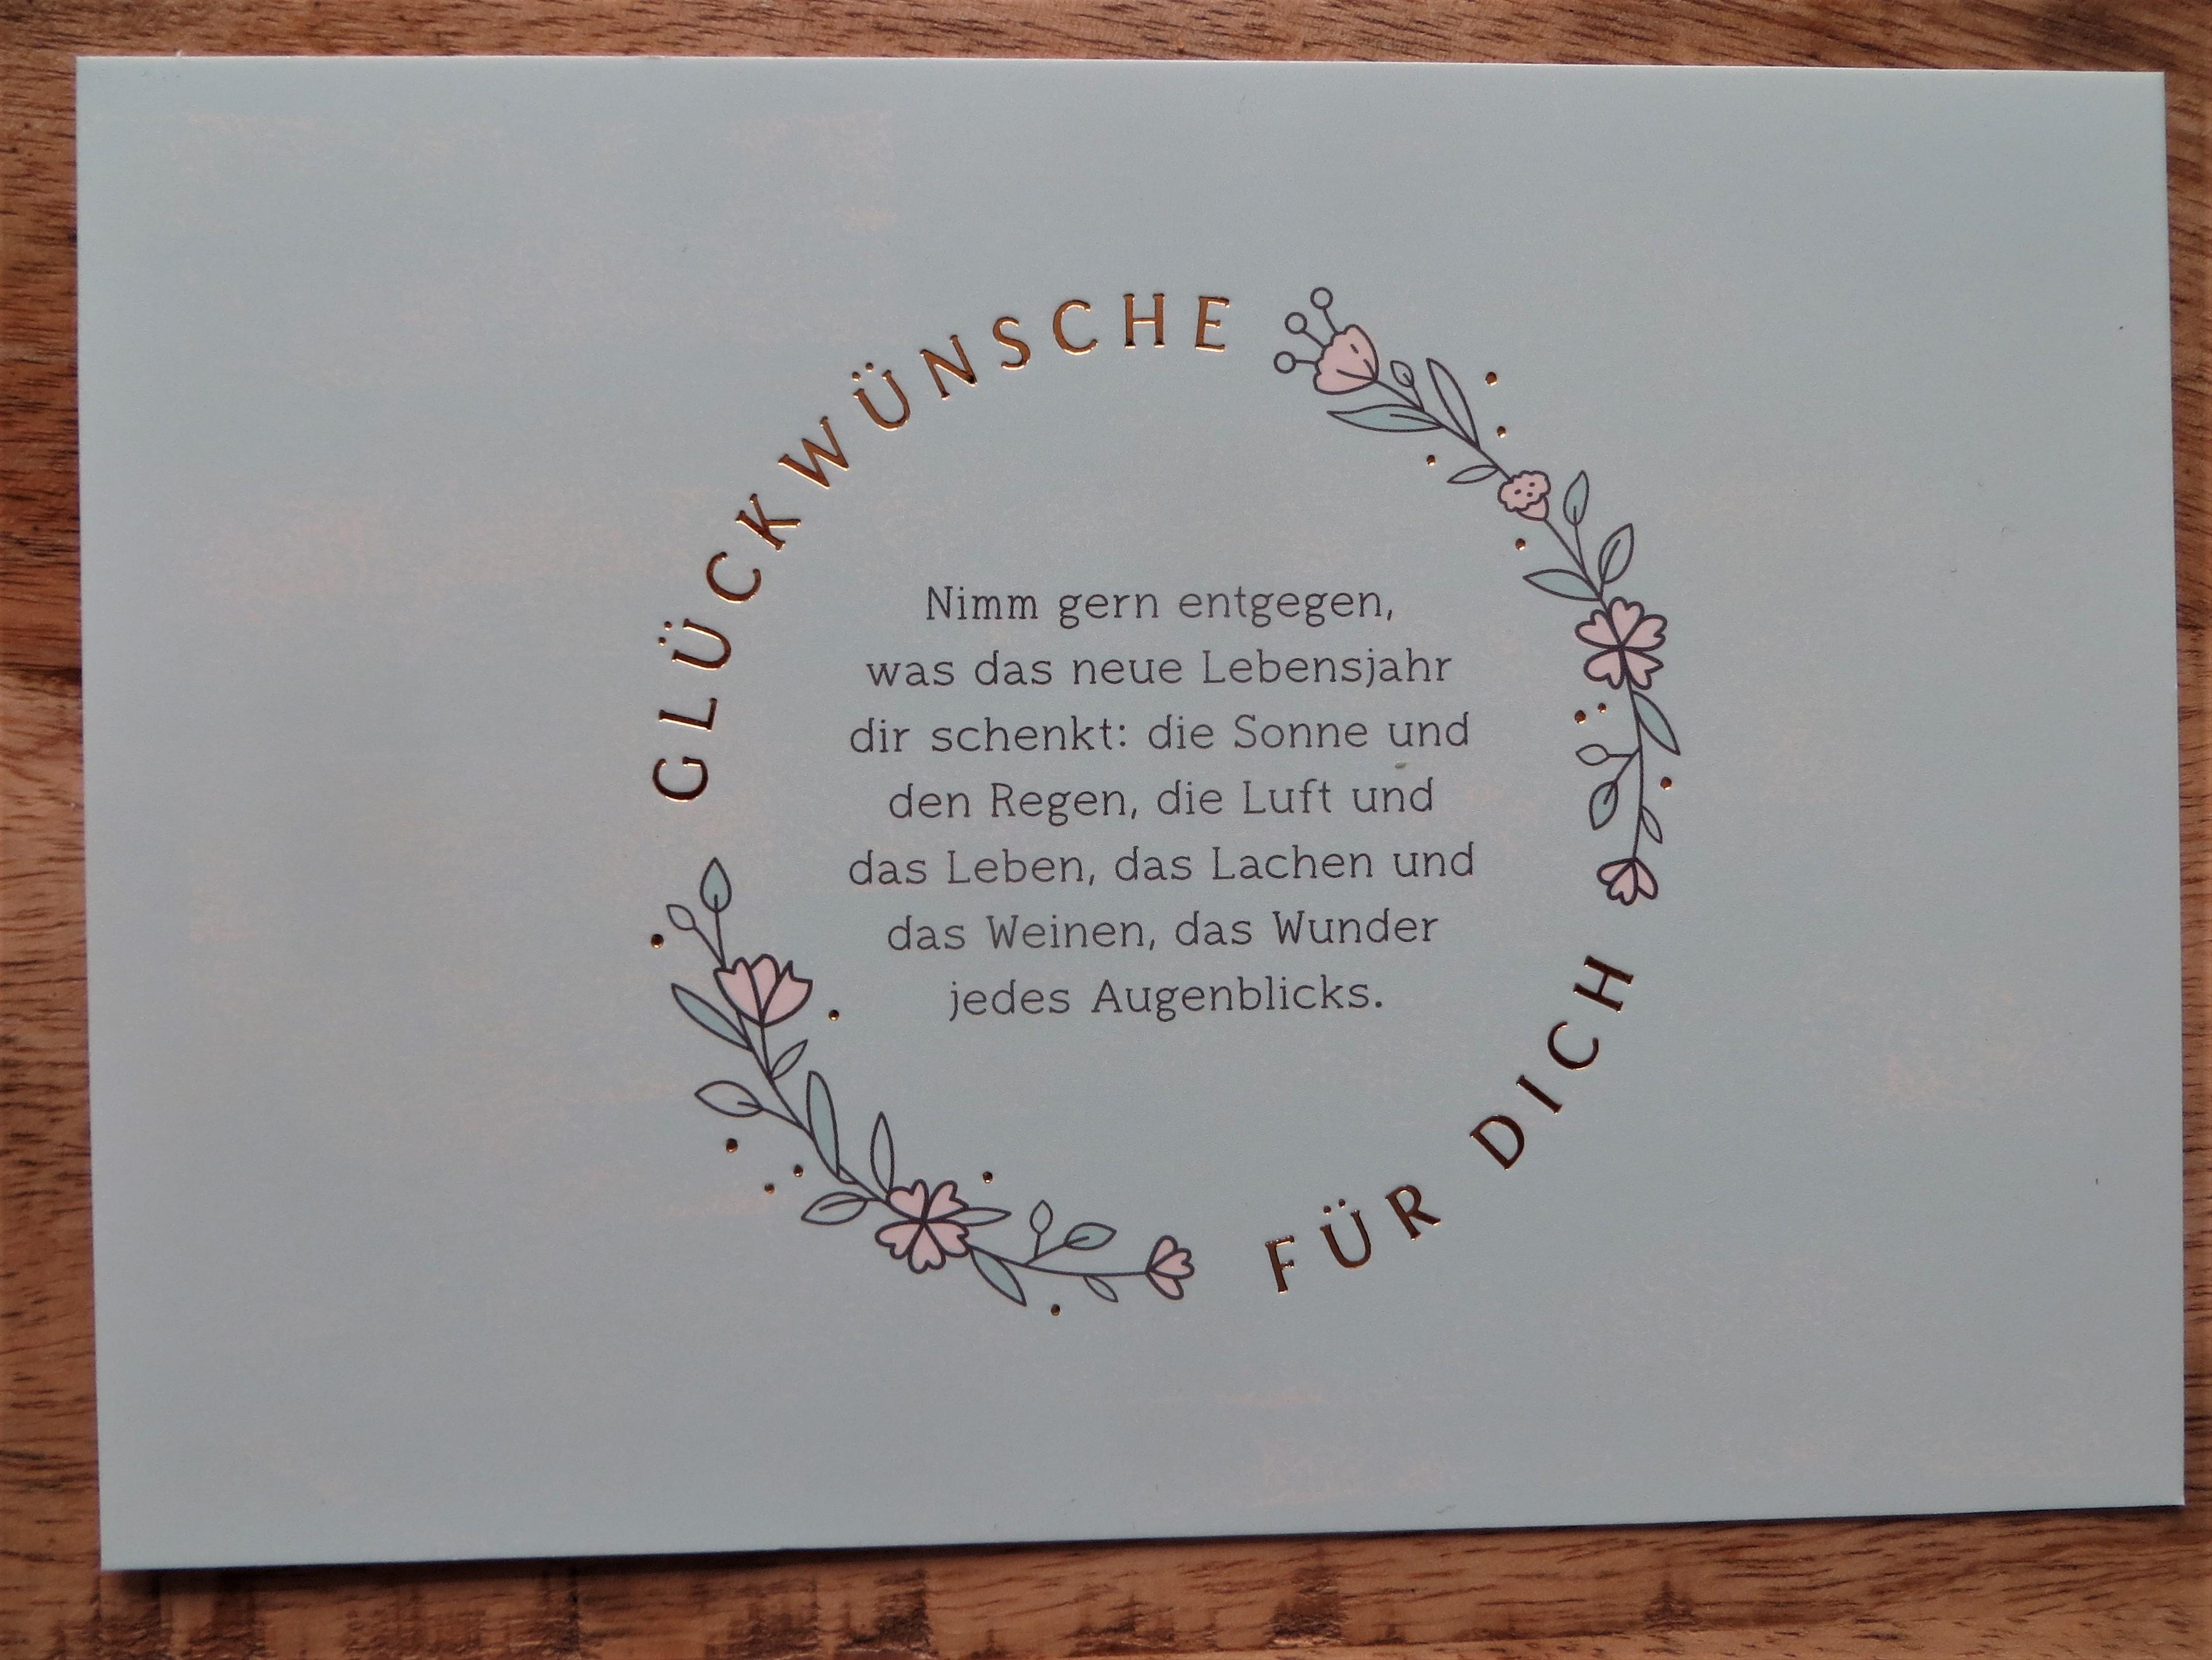 Nützlichgrusskarten - Postkarte Glückwünsche für dich Nimm gern entgegen... Vintage Art - Onlineshop Tante Emmer